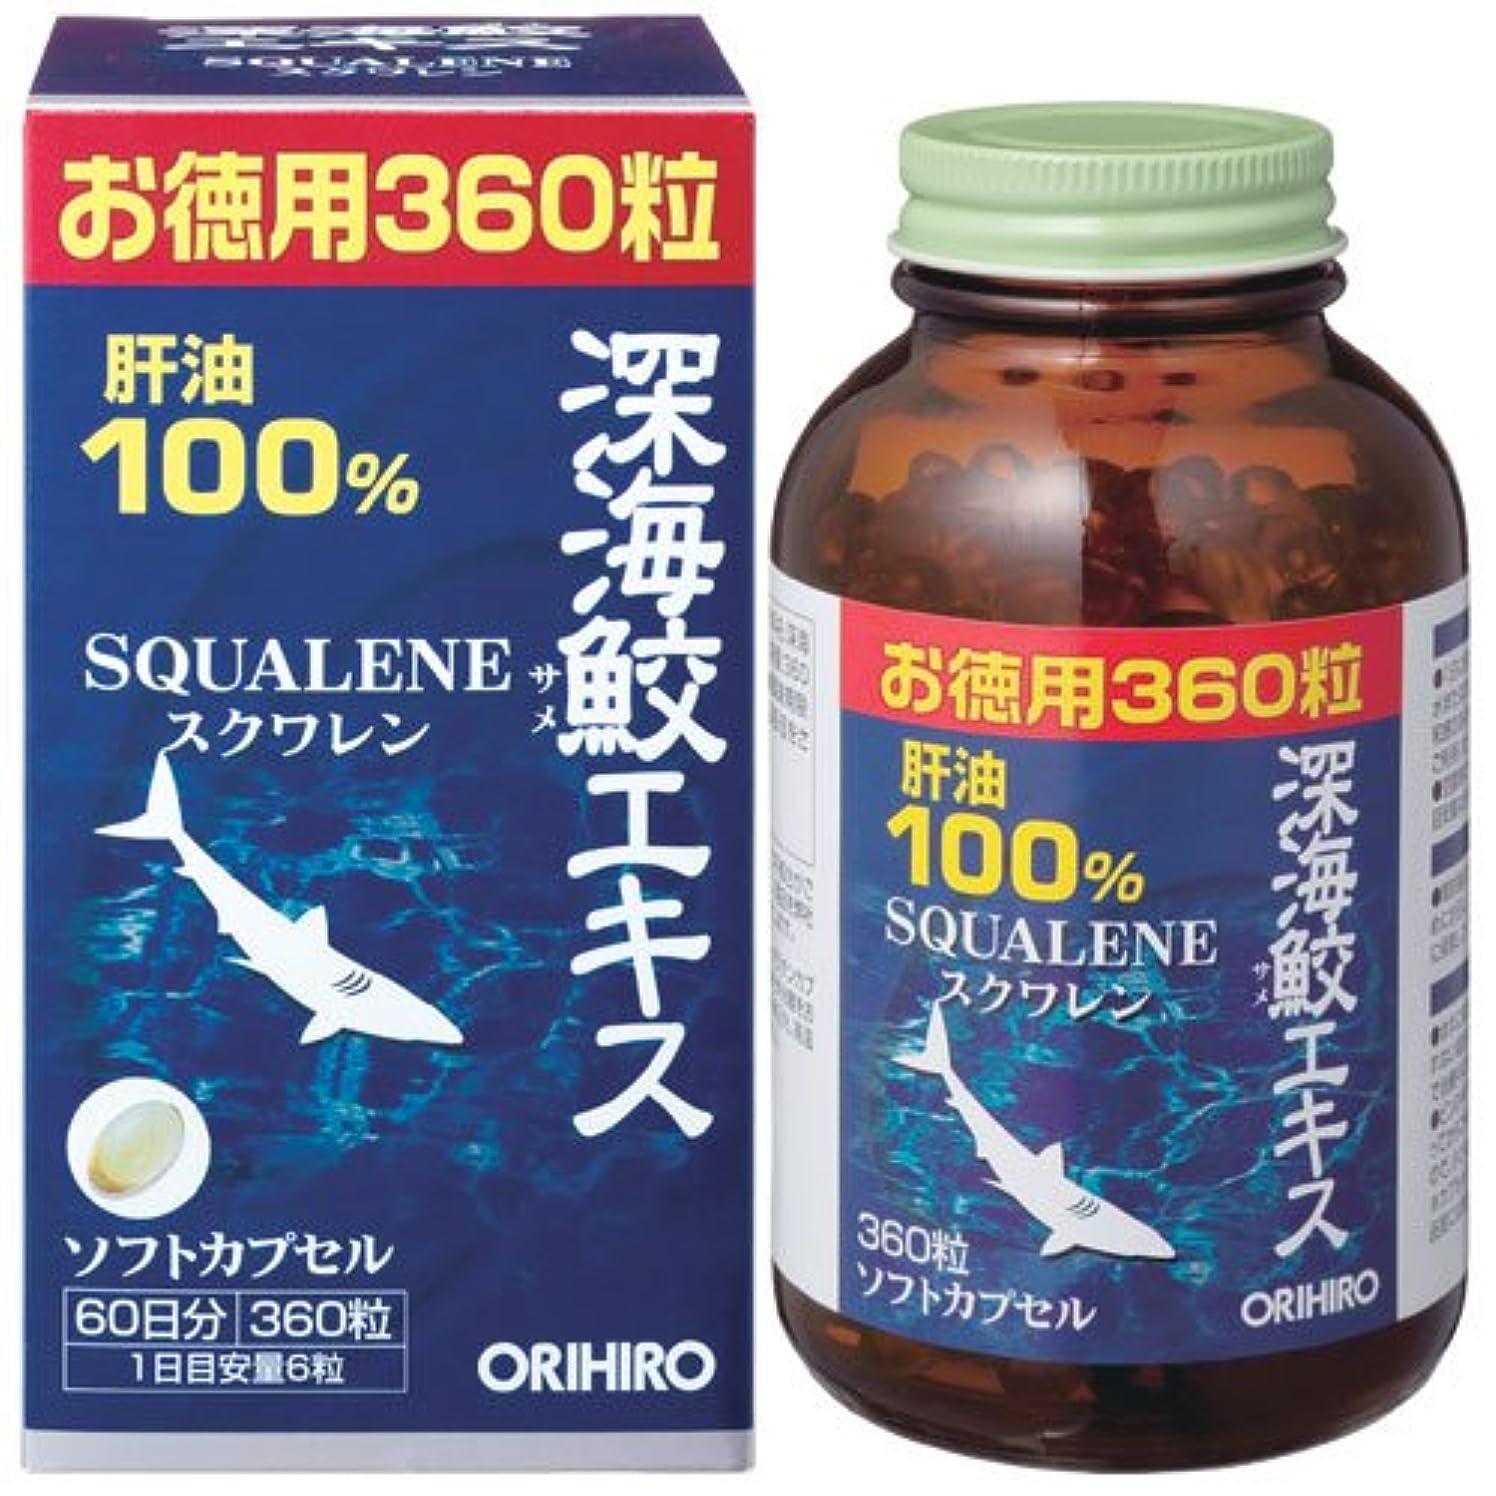 余計な量で分類お徳用360粒【2個セット】 オリヒロ 深海鮫エキスカプセル